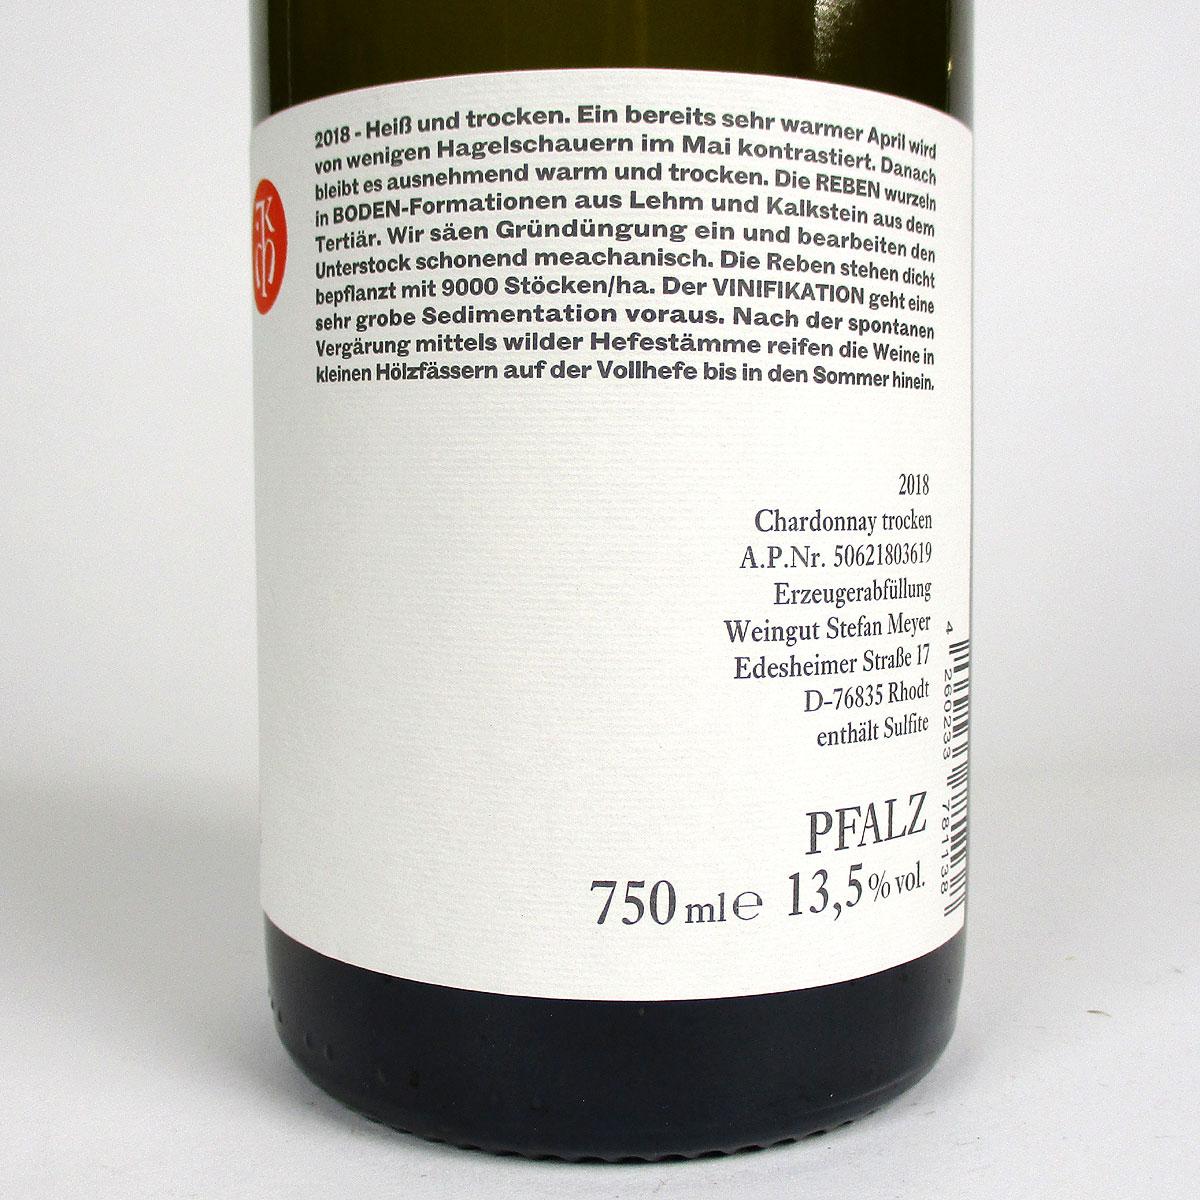 Pfalz: Stefan Meyer 'Aus Rhodt' Chardonnay 2018 - Bottle Rear Label